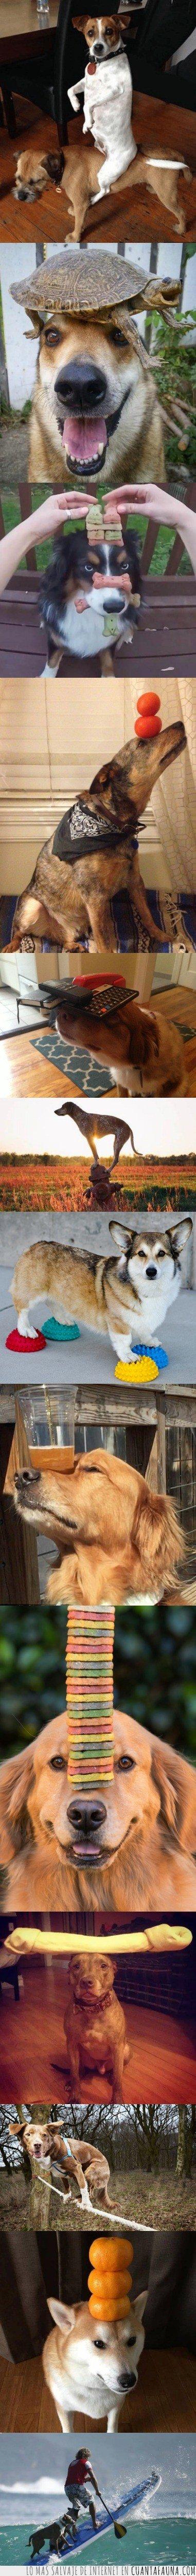 equilibrio,perro